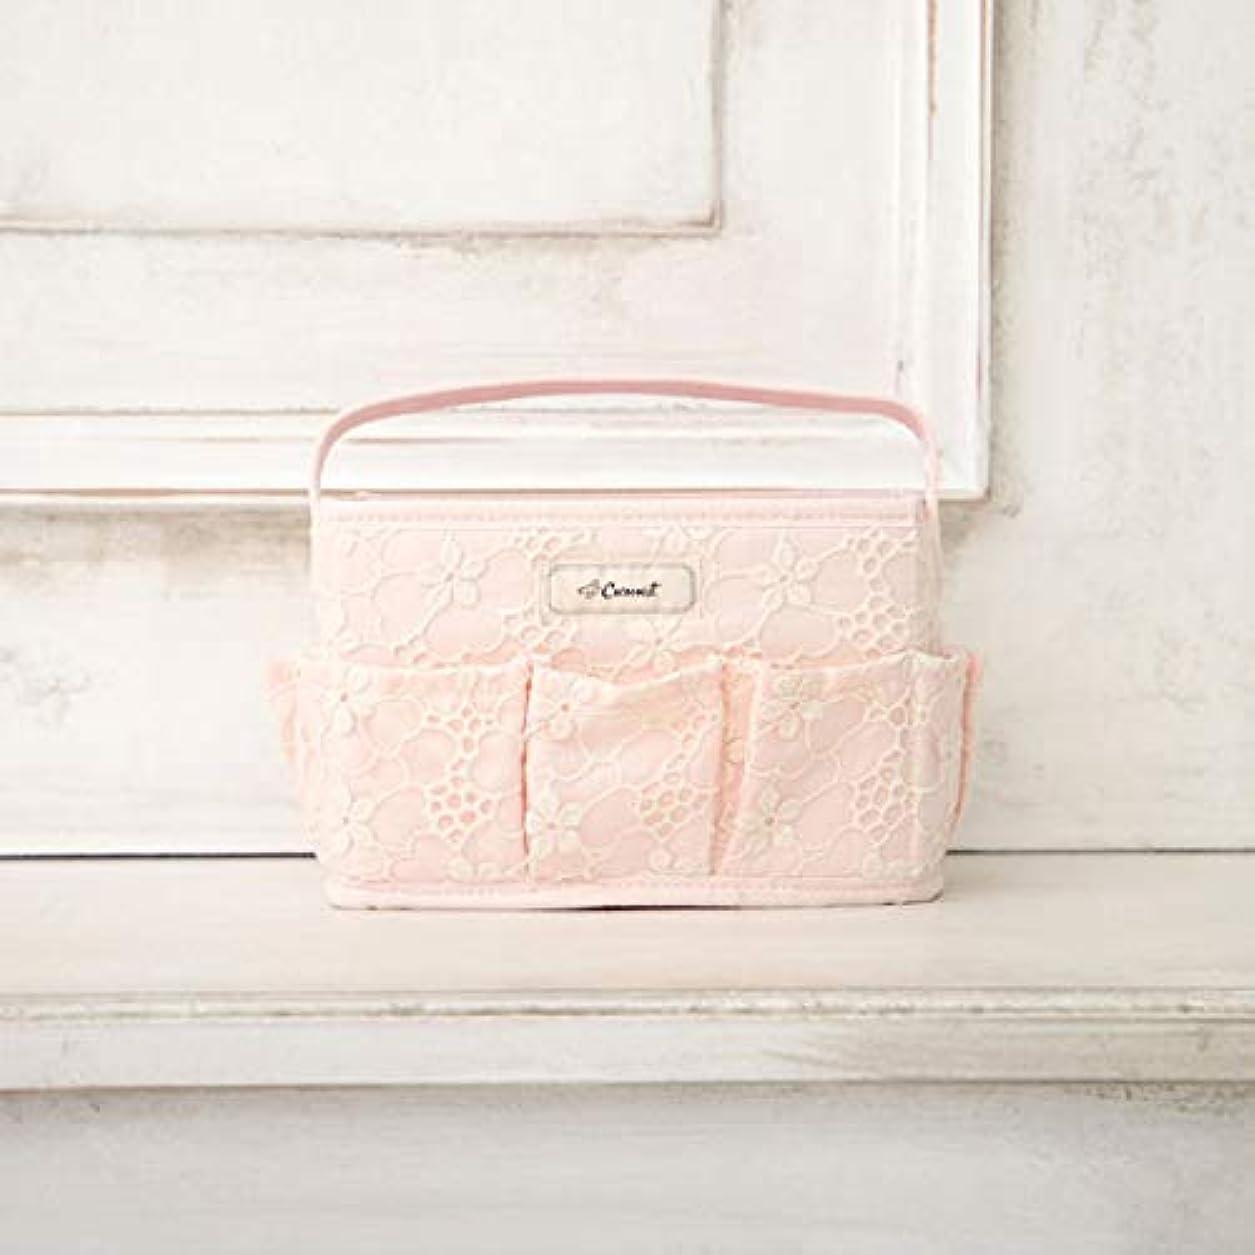 勤勉な特許キャップ[ コクーニスト ] Cocoonist フラワー柄コスメバスケットS ピンク